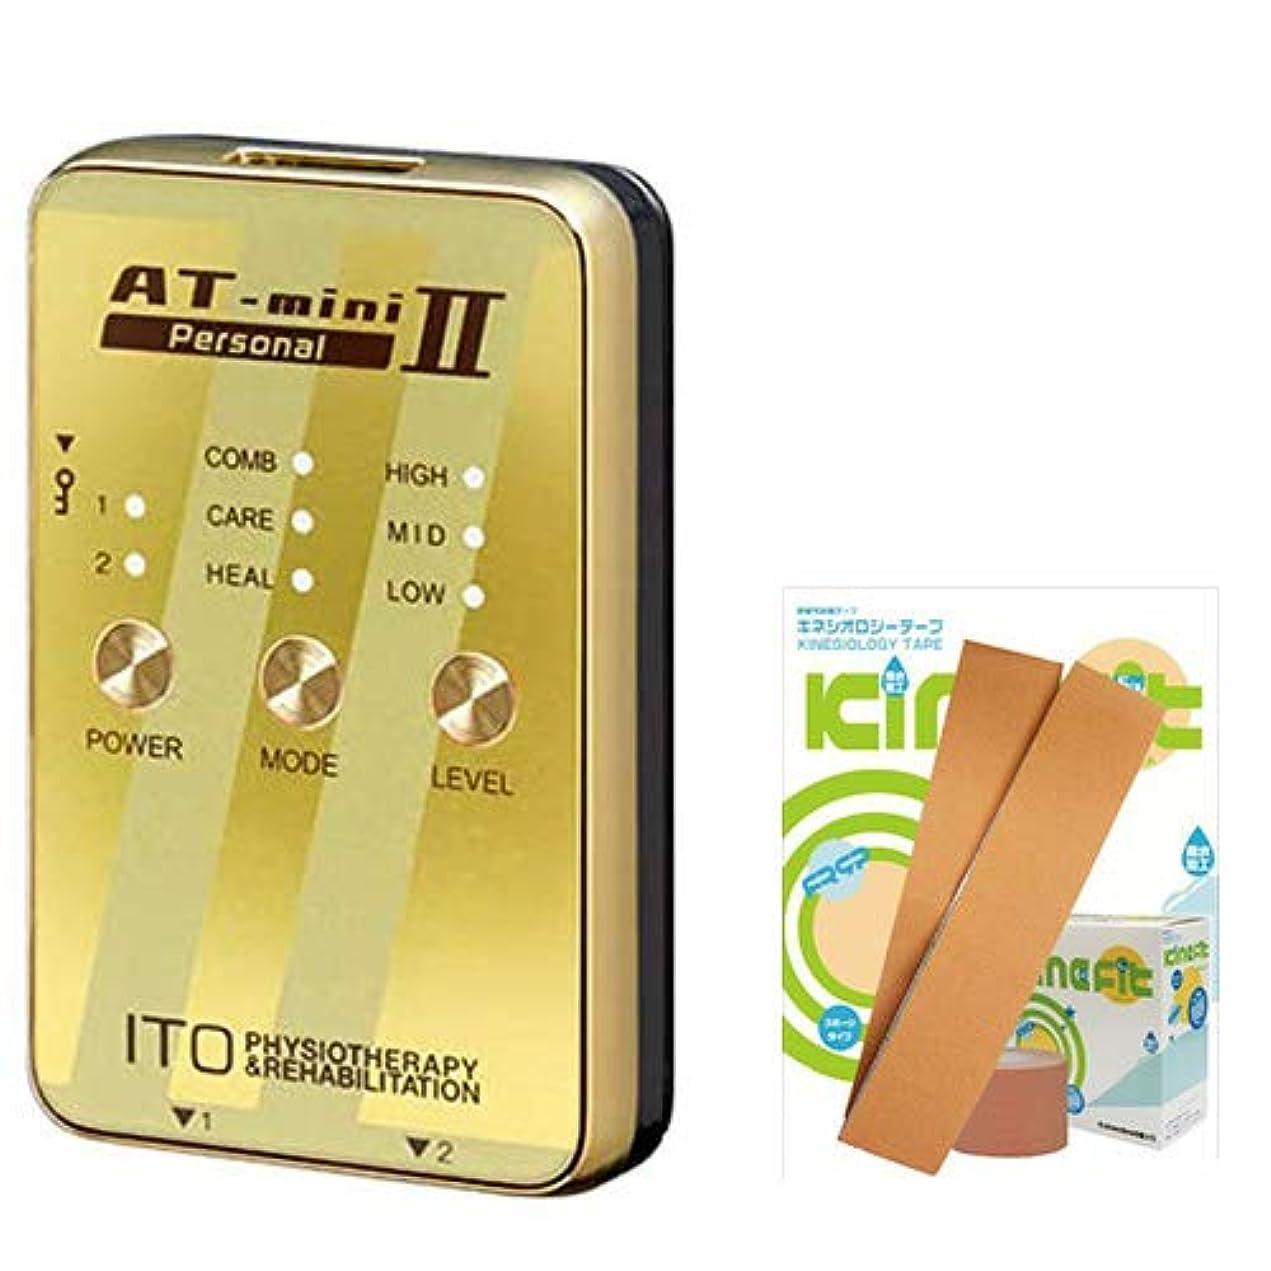 感謝する時期尚早真面目な低周波治療器 AT-mini personal II ゴールド (ATミニパーソナル2) +キネフィットテープ50cmセット